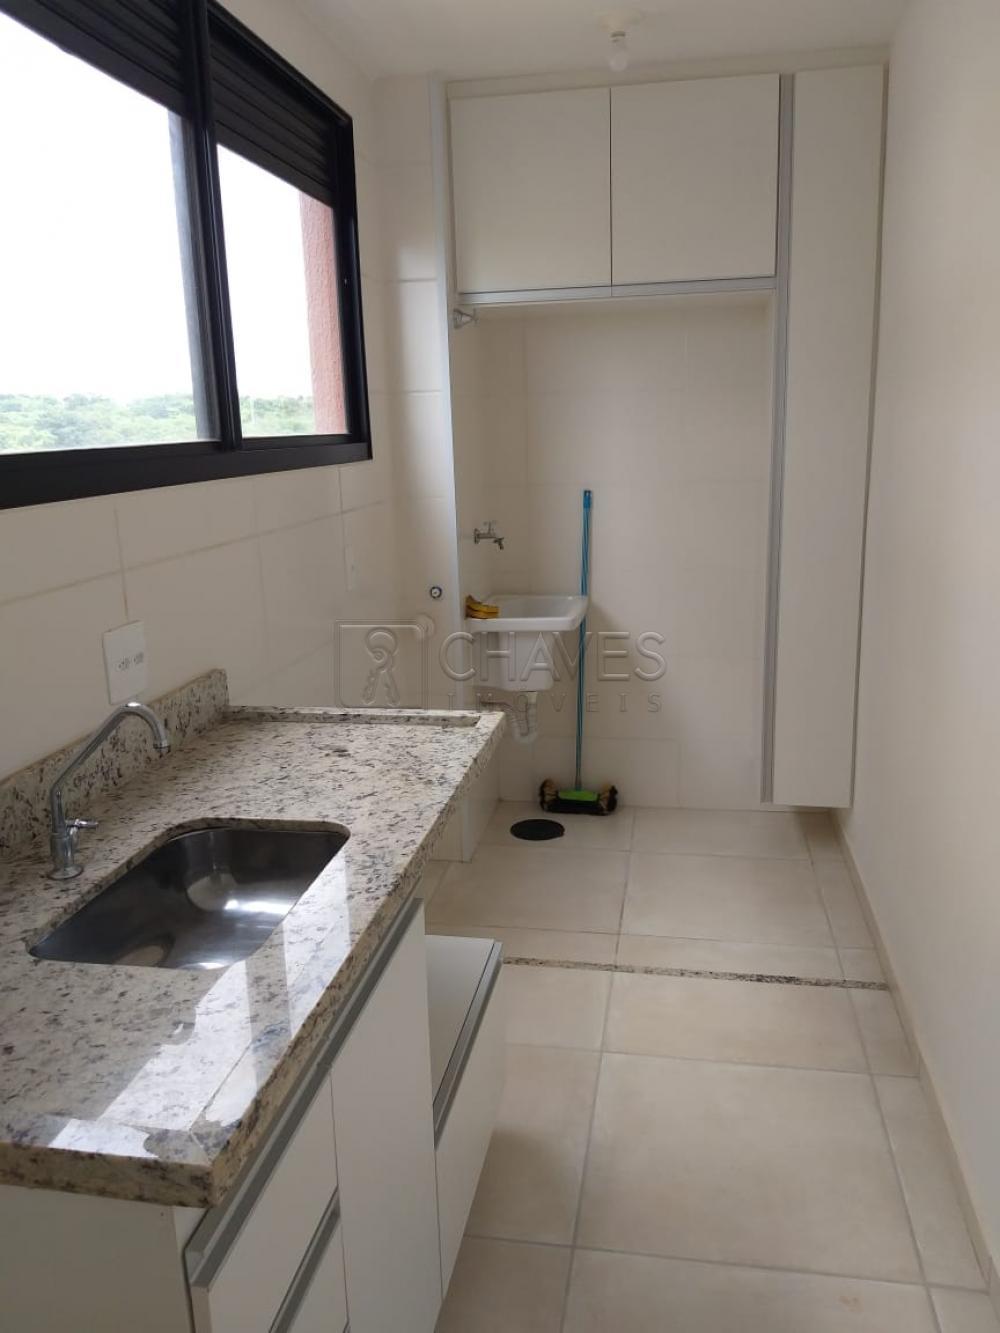 Alugar Apartamento / Padrão em Bonfim Paulista apenas R$ 900,00 - Foto 5